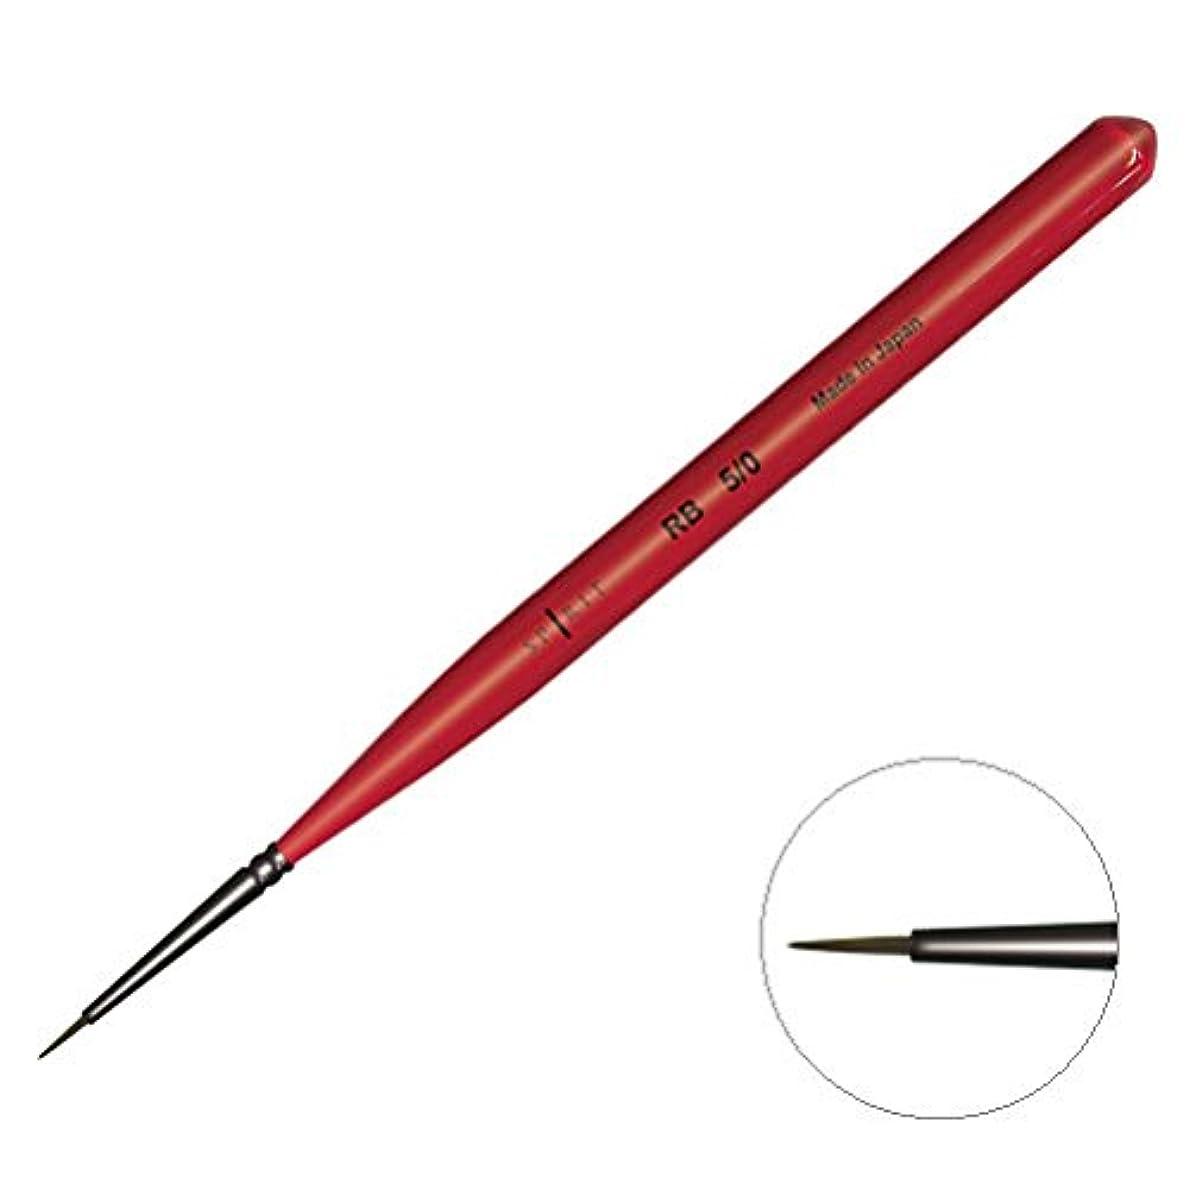 移住する見るつまらないプリジェル ネイルブラシ RB 5/0 アート用筆 SP5-0